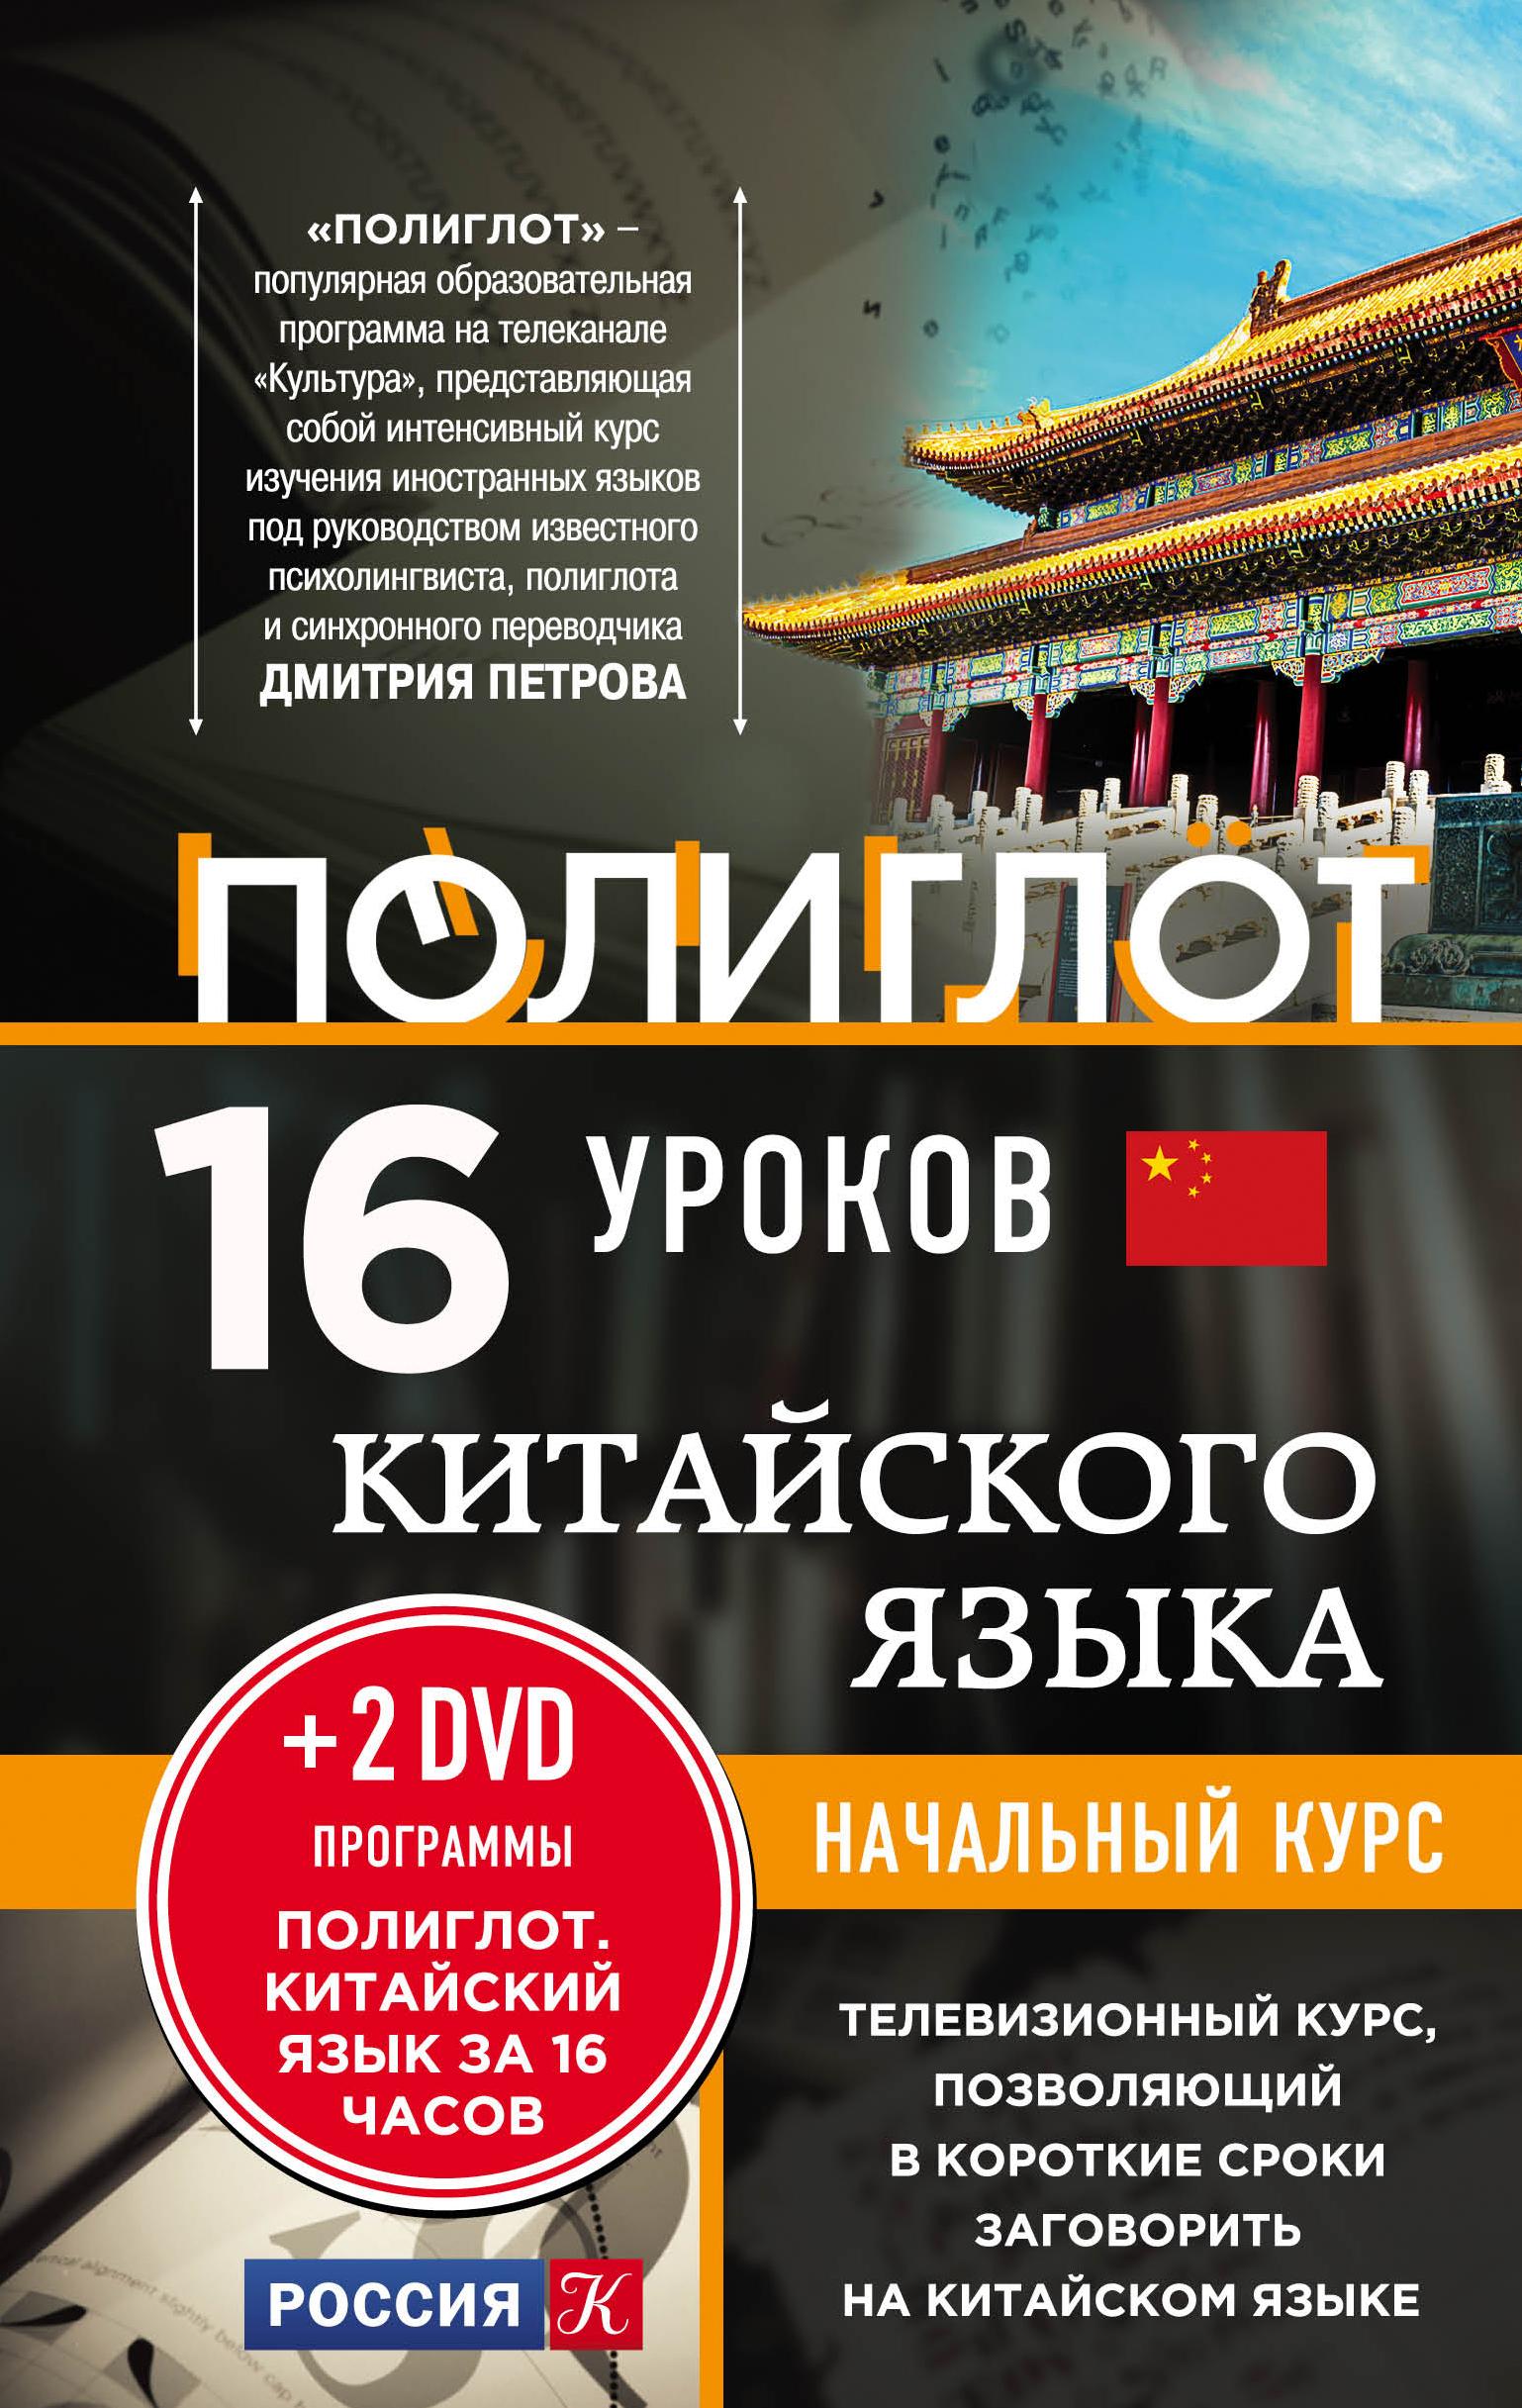 16 уроков Китайского языка. Начальный курс + 2 DVD Китайский язык за 16 часов